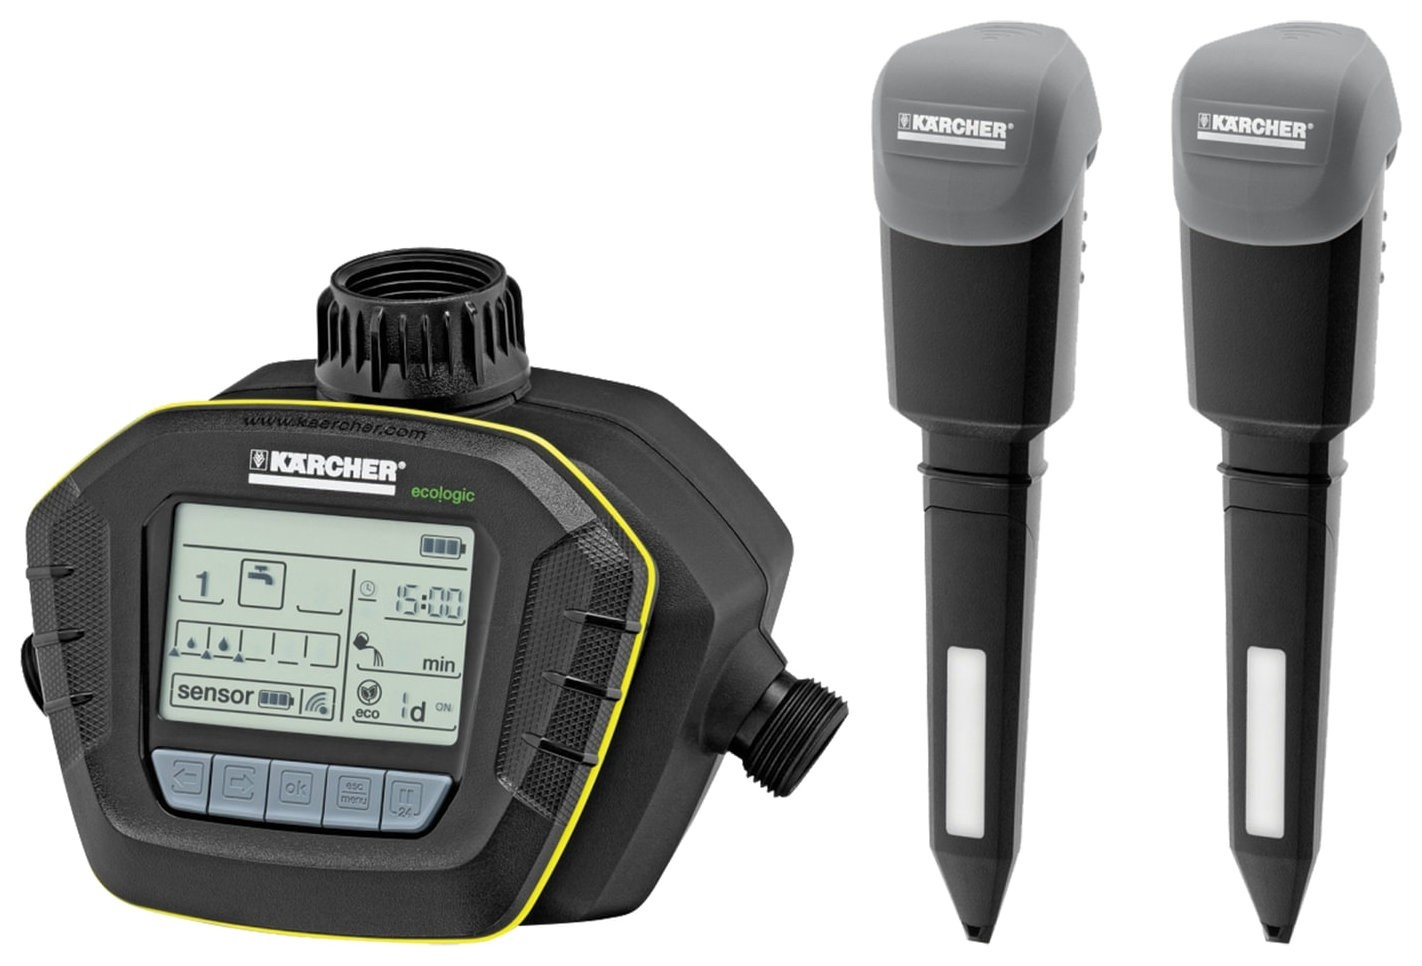 Таймер поливочный KARCHER SensoTimer ST6 Duo, 2 датчика влажности почвы, съемный дисплей  Karcher